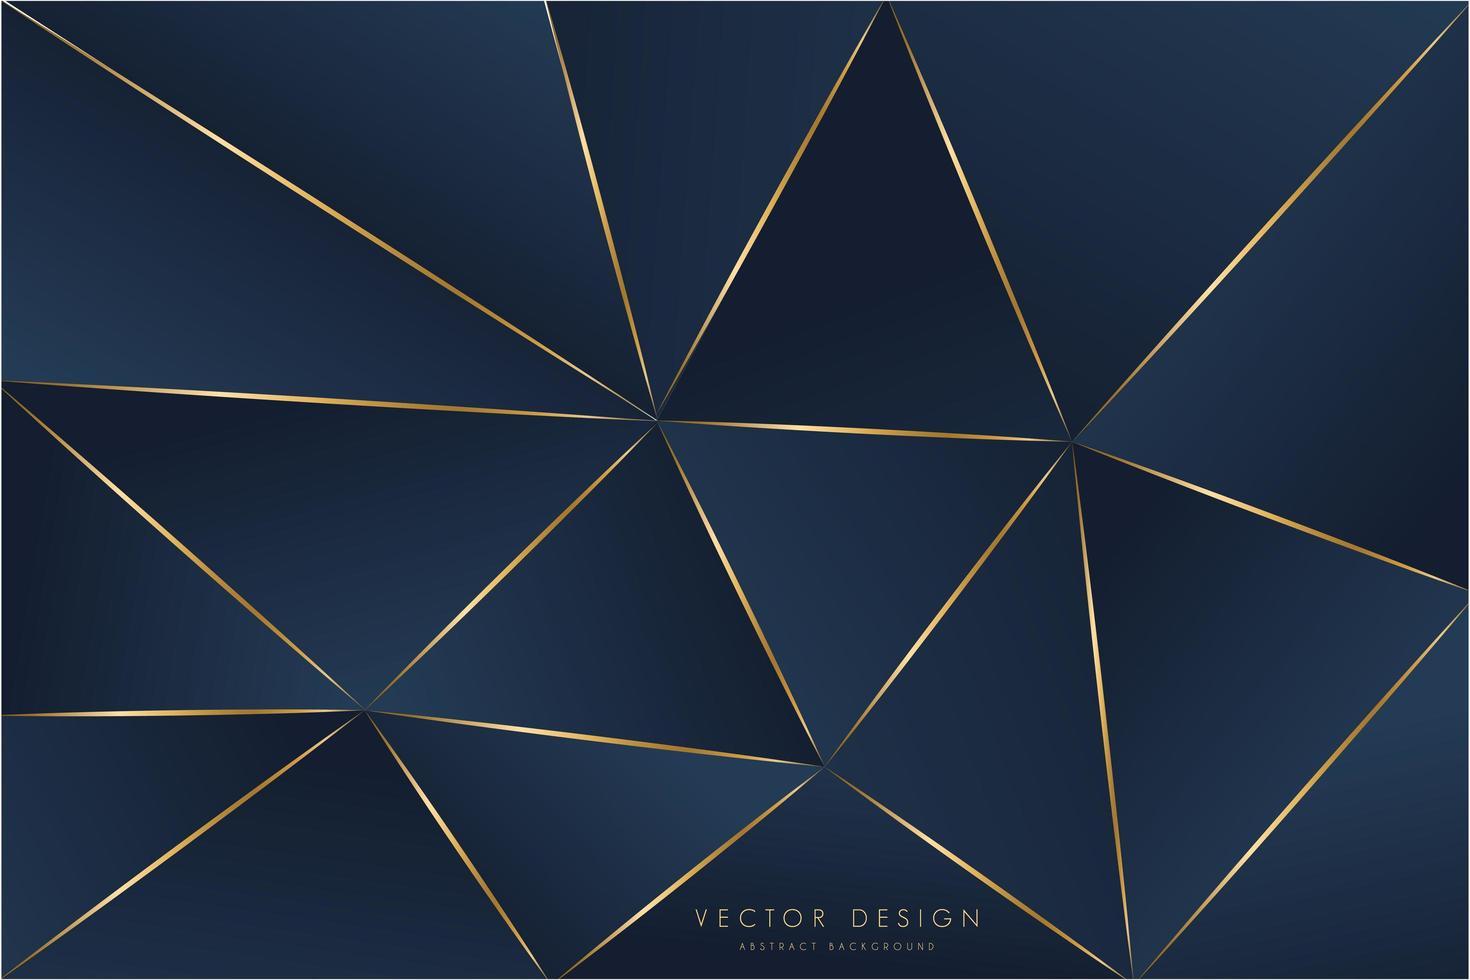 moderne blauwe en gouden metalen achtergrond vector